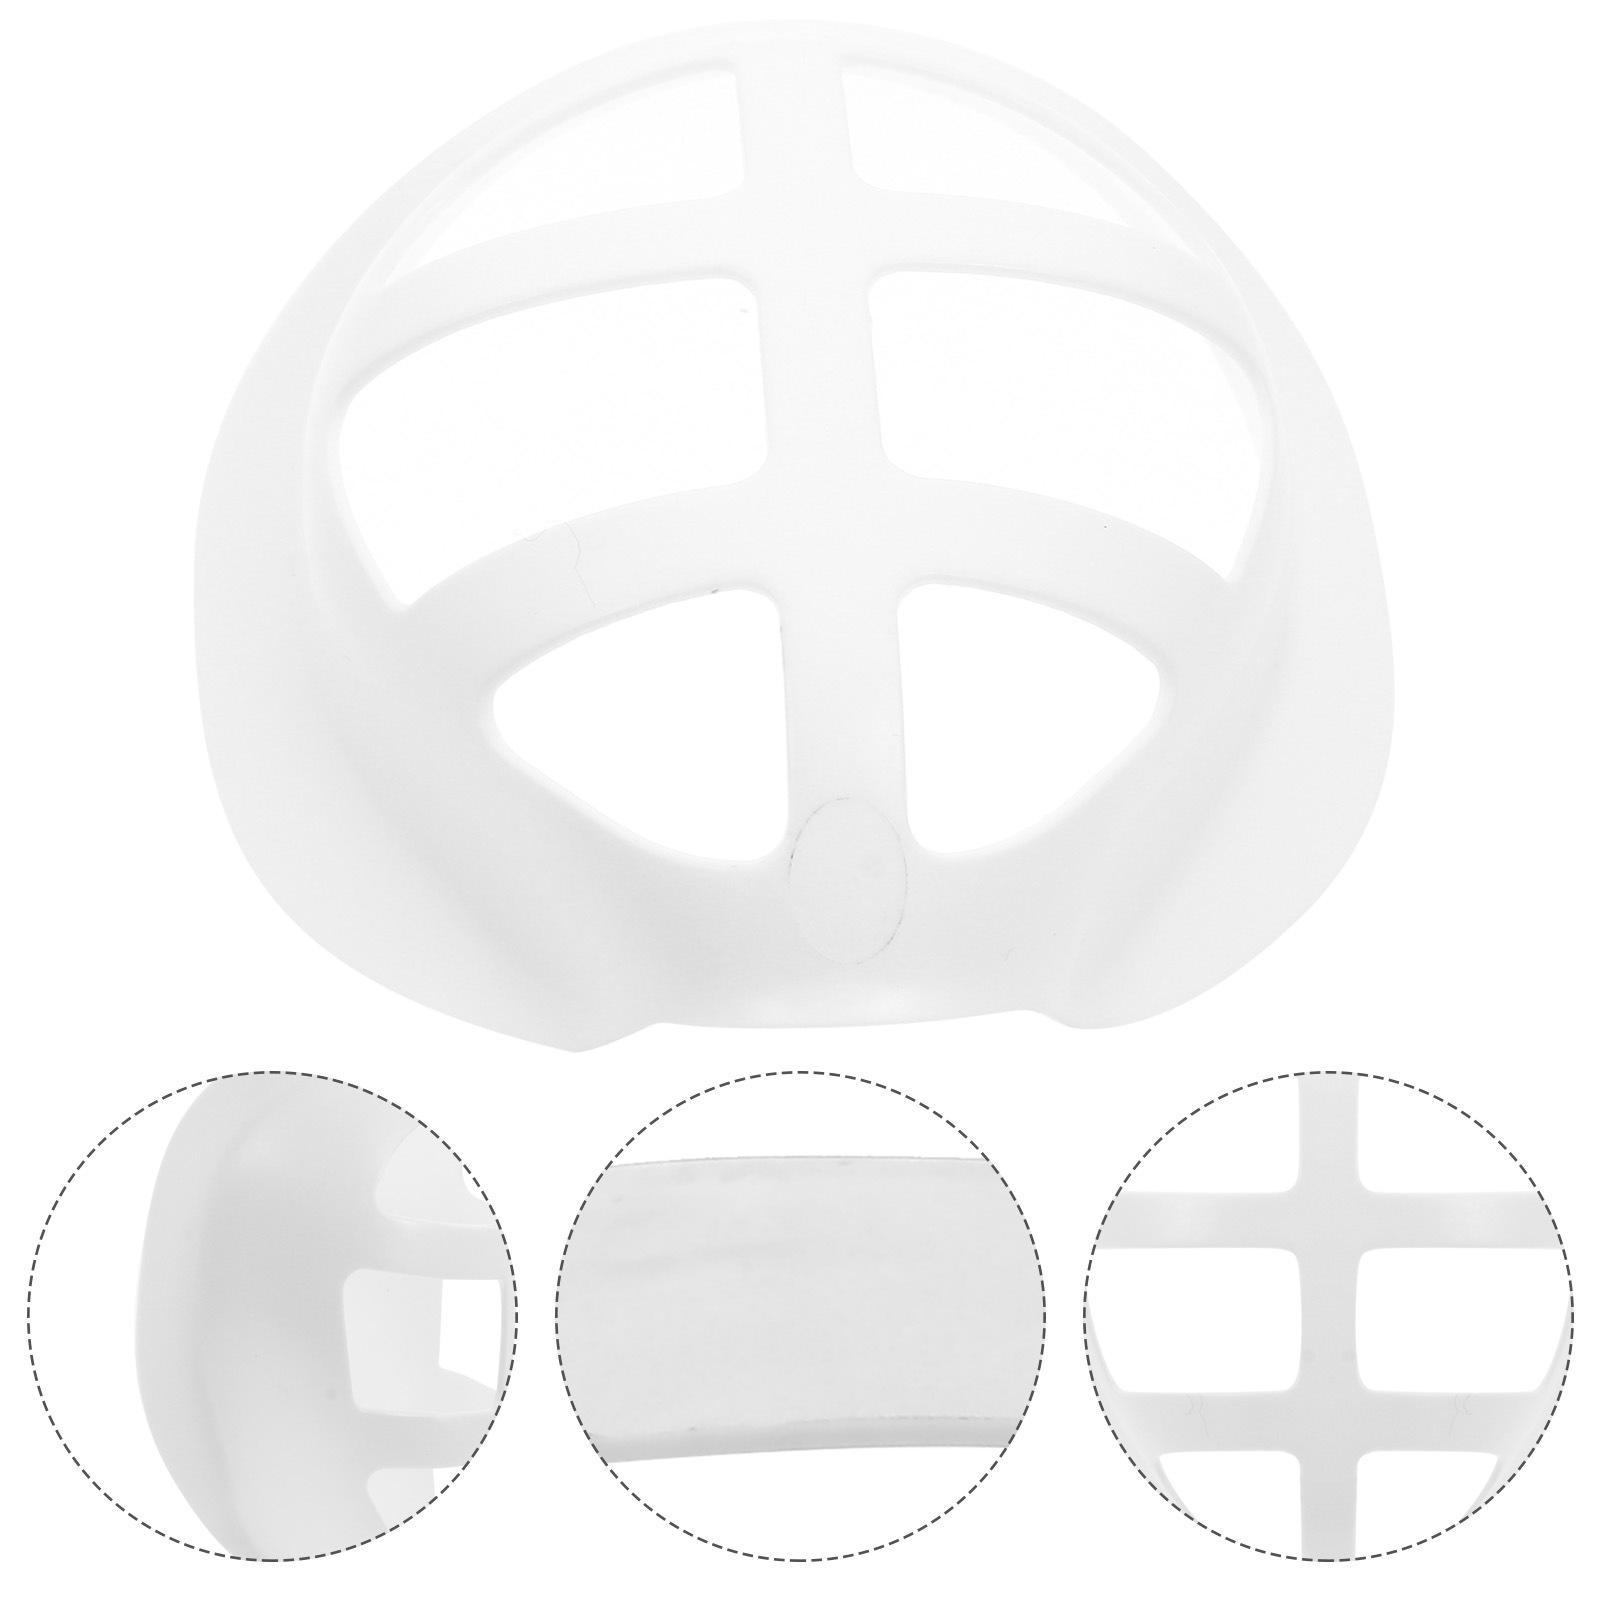 3D Maskenhalterung Lippenstift Schutzständer Maske Innenstütze zur Verbesserung des Atmens Glattmasken Werkzeugzubehör OWB3327